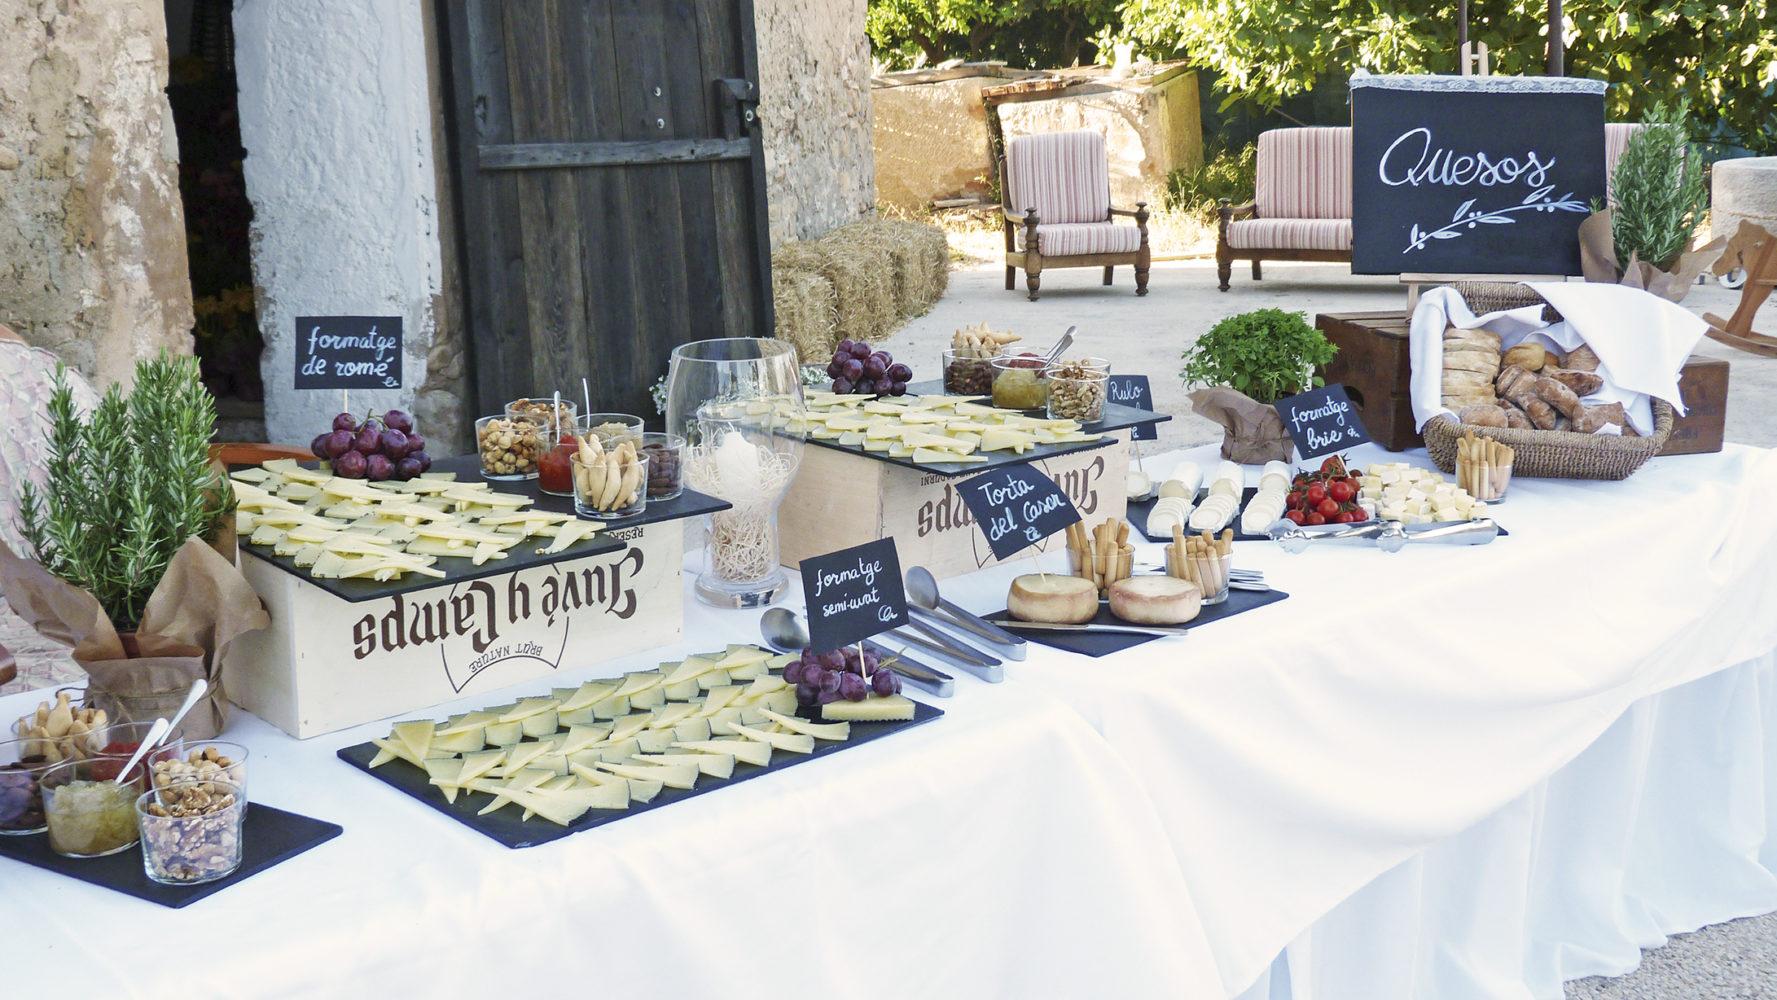 Buffet de quesos by Plat a taula CATERING Tarragona